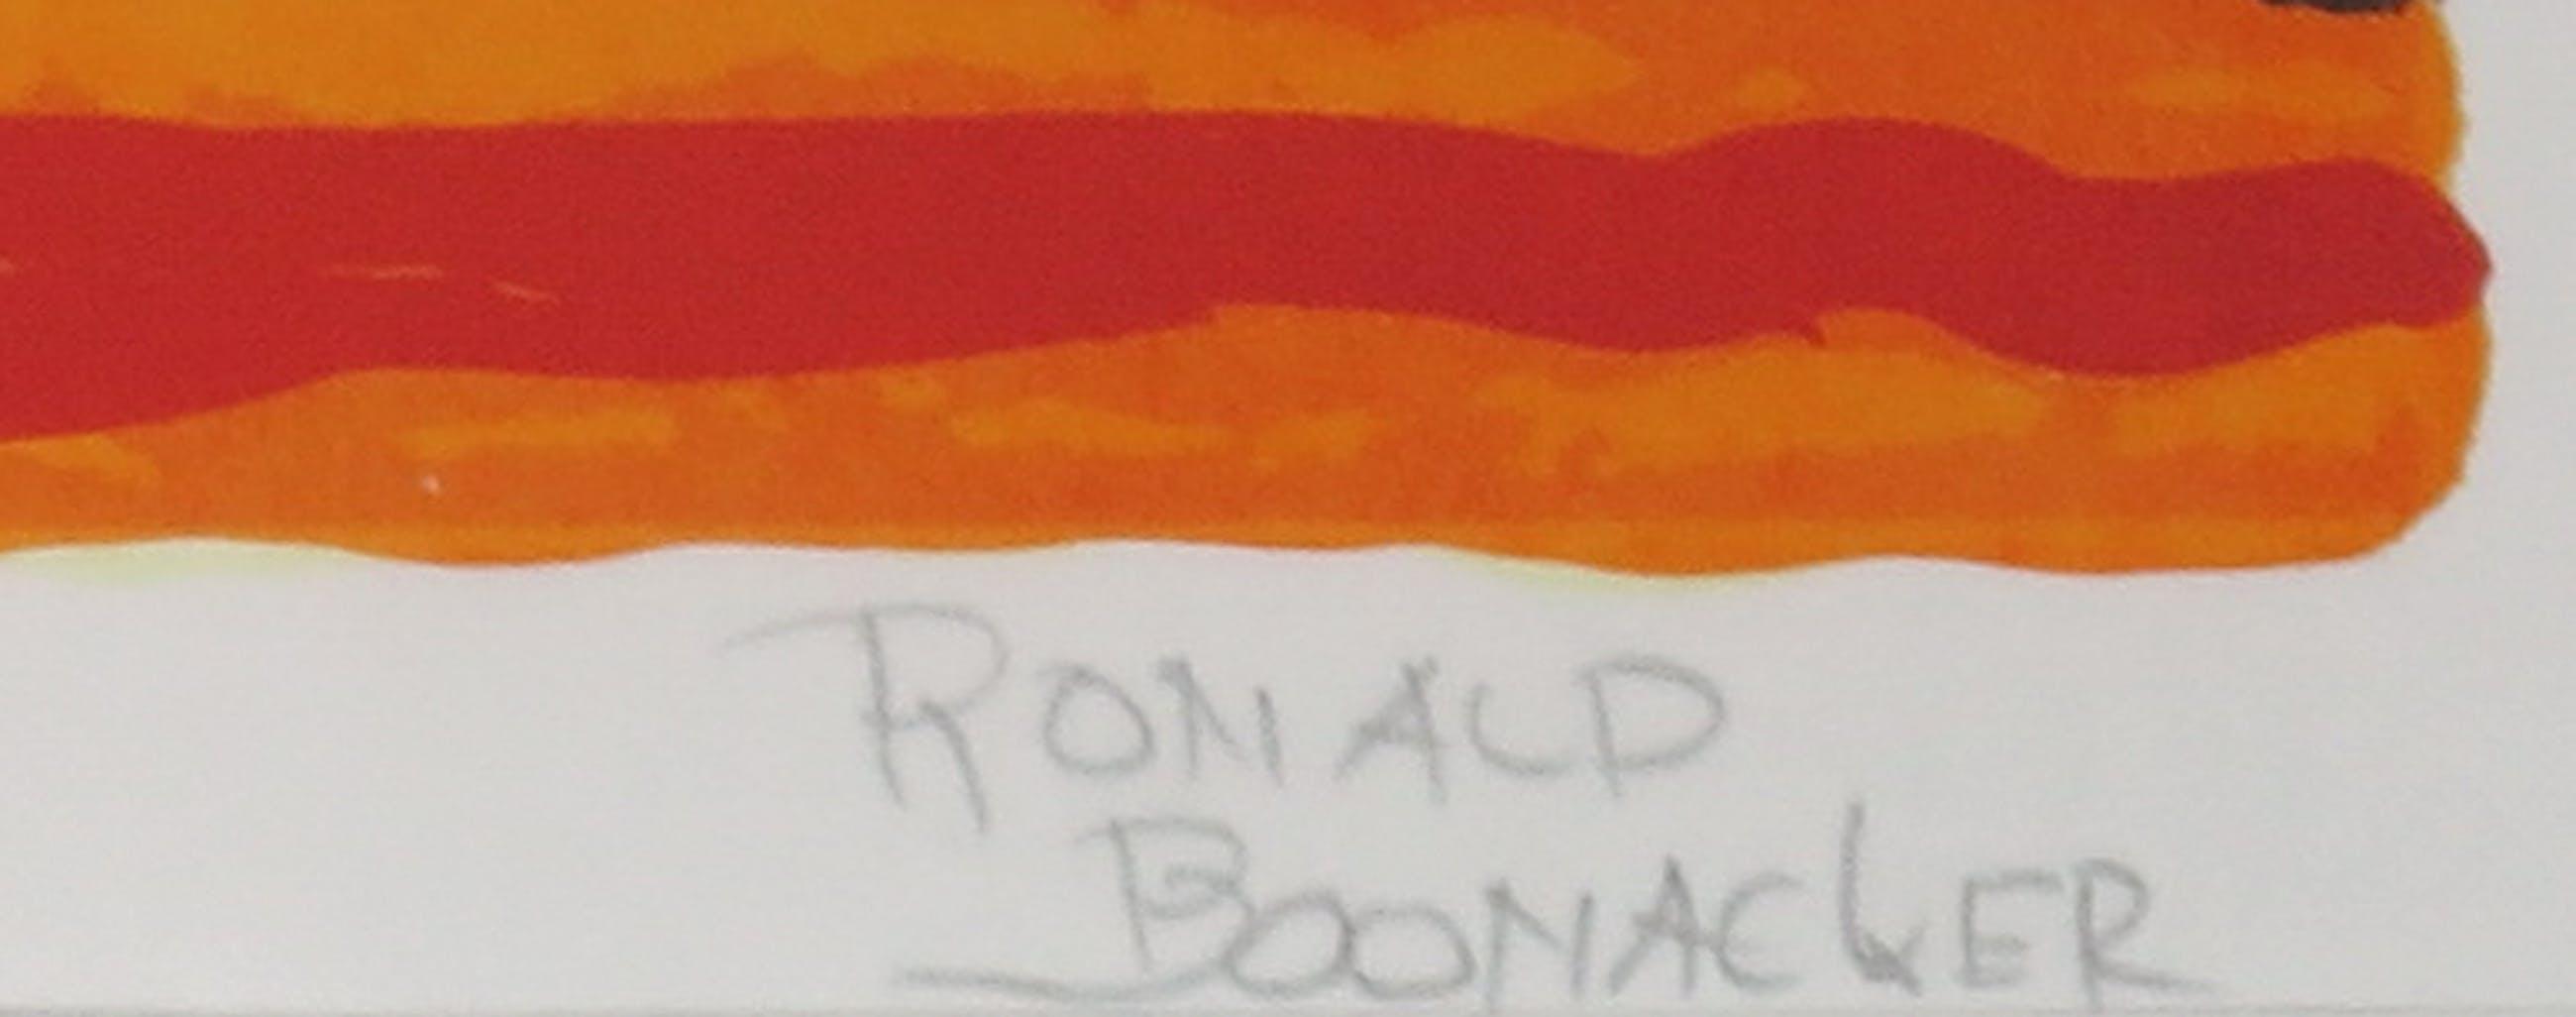 Ronald Boonacker - Zeefdruk, Curaçao - Ingelijst (Groot) kopen? Bied vanaf 50!